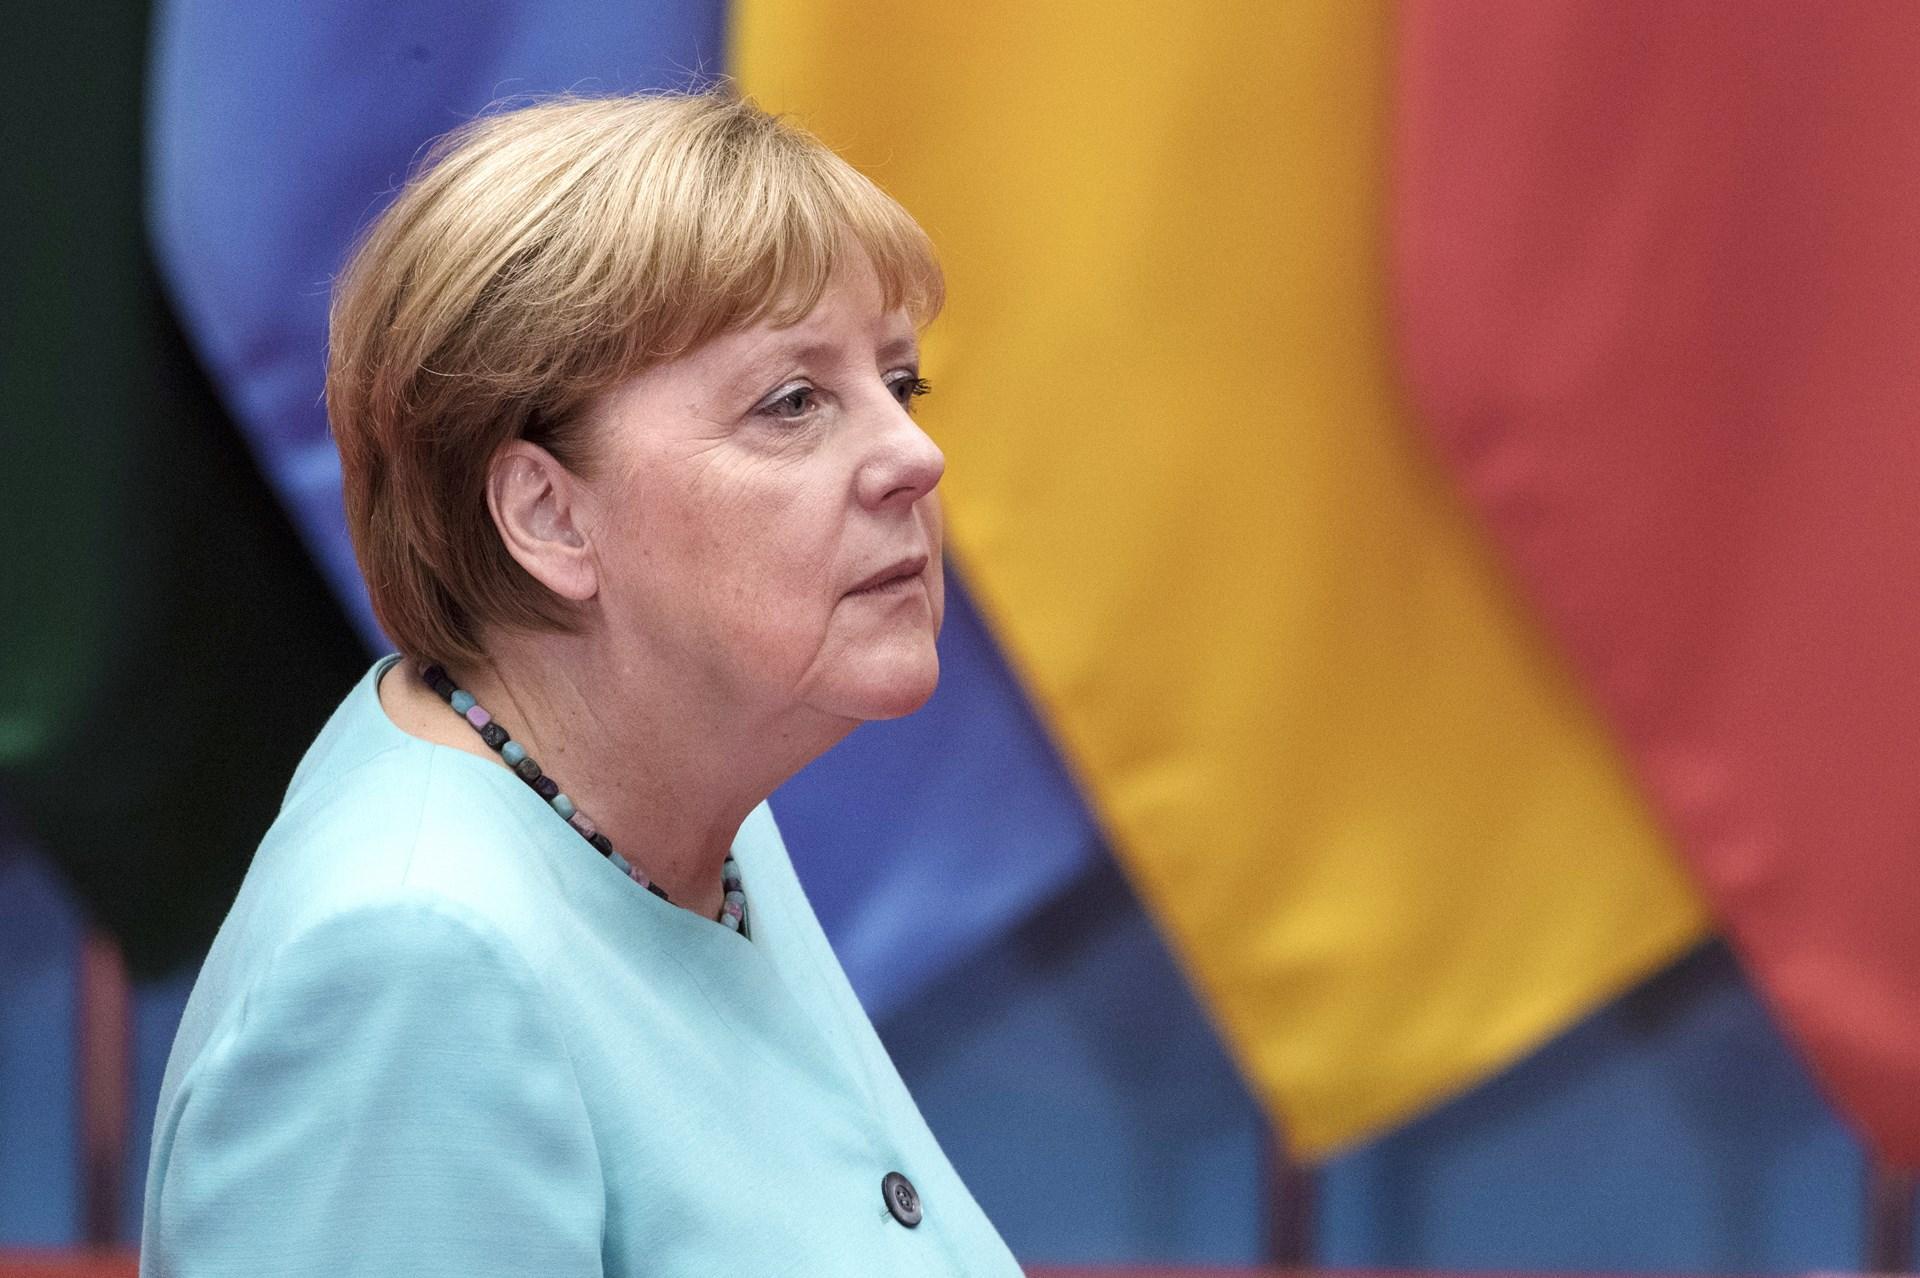 Свыше 60% граждан Германии недовольны работой руководства Меркель